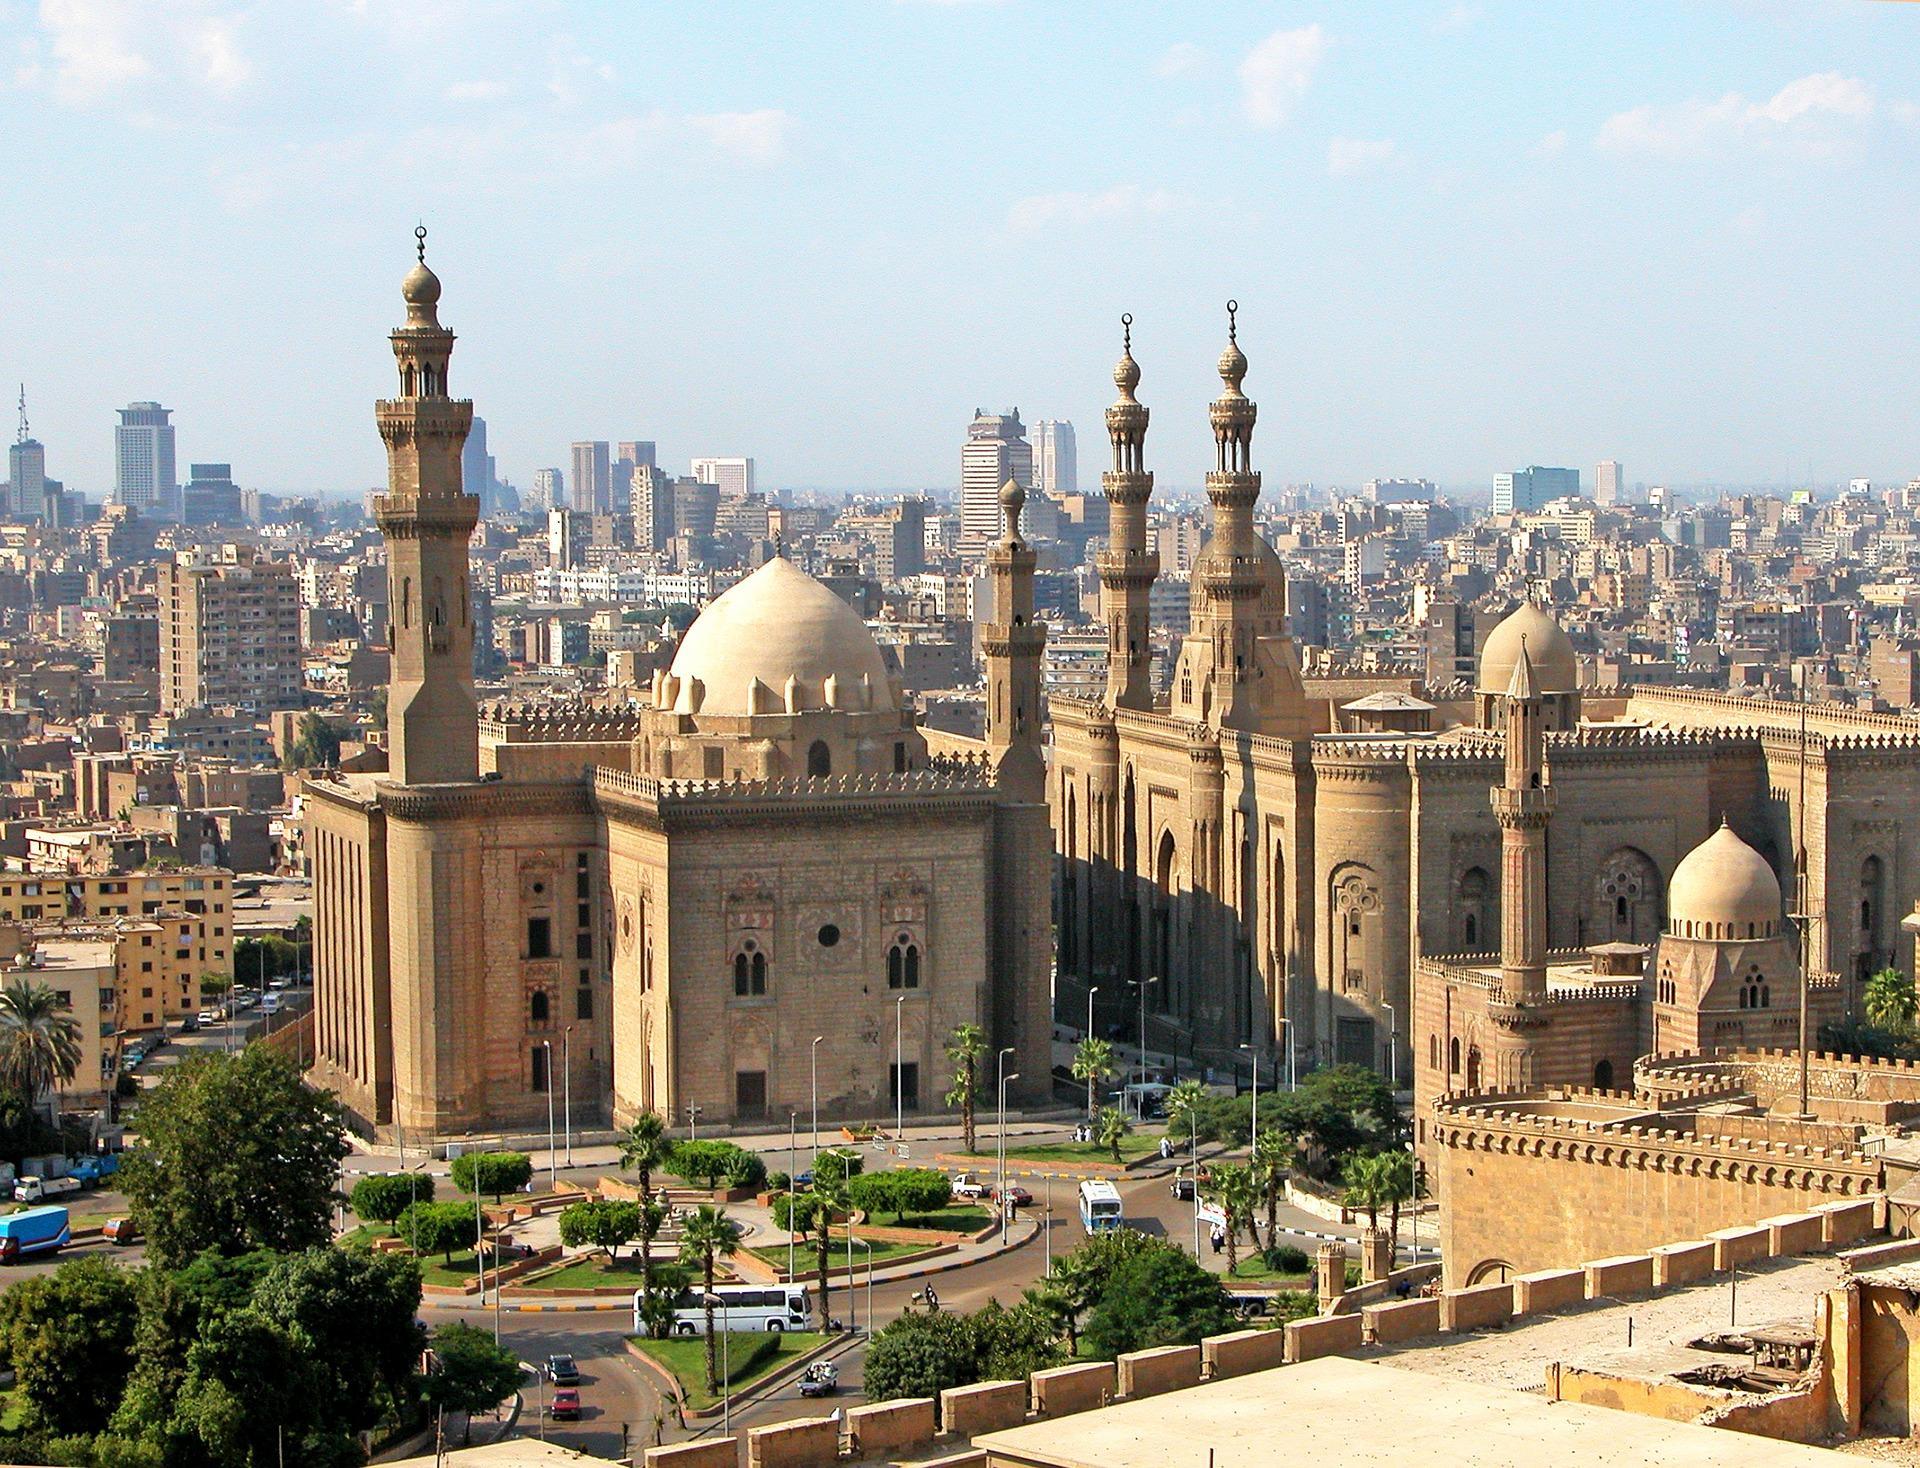 ПосольствоРФ проверяет информацию озадержании вЕгипте 17 граждан России сдетьми